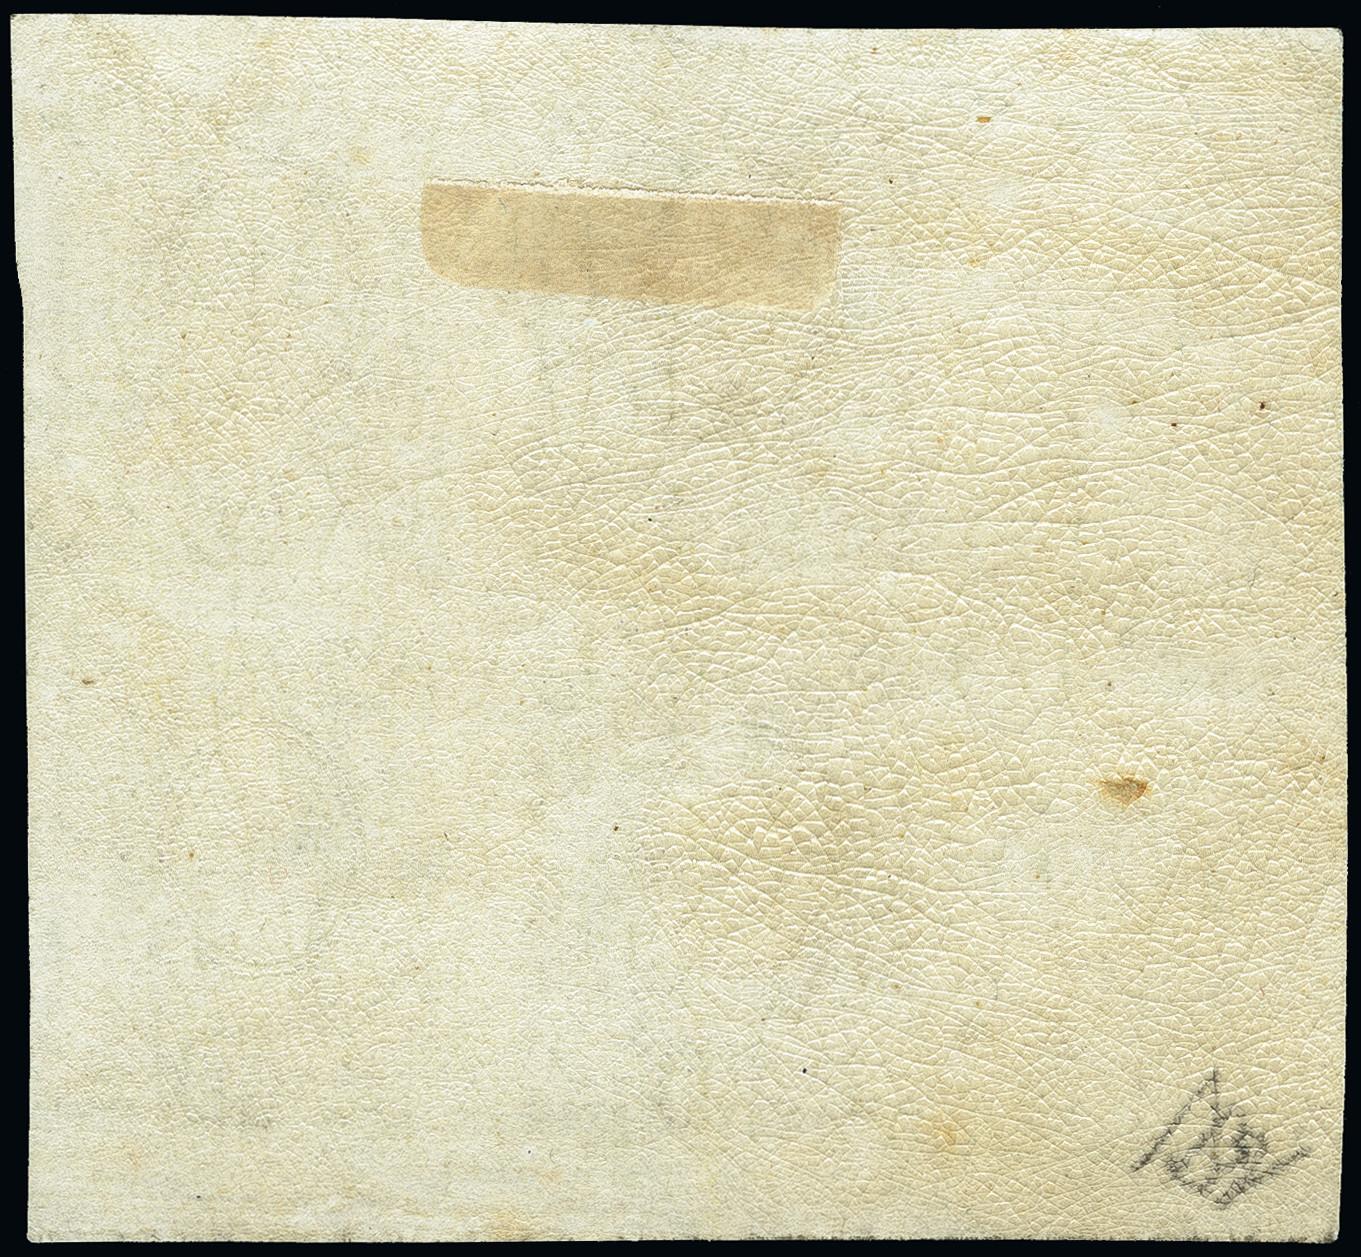 Lot 1030 - Switzerland swiss federal post -  Heinrich Koehler Auktionen Heinrich Köhler Auction 376 - Day 1